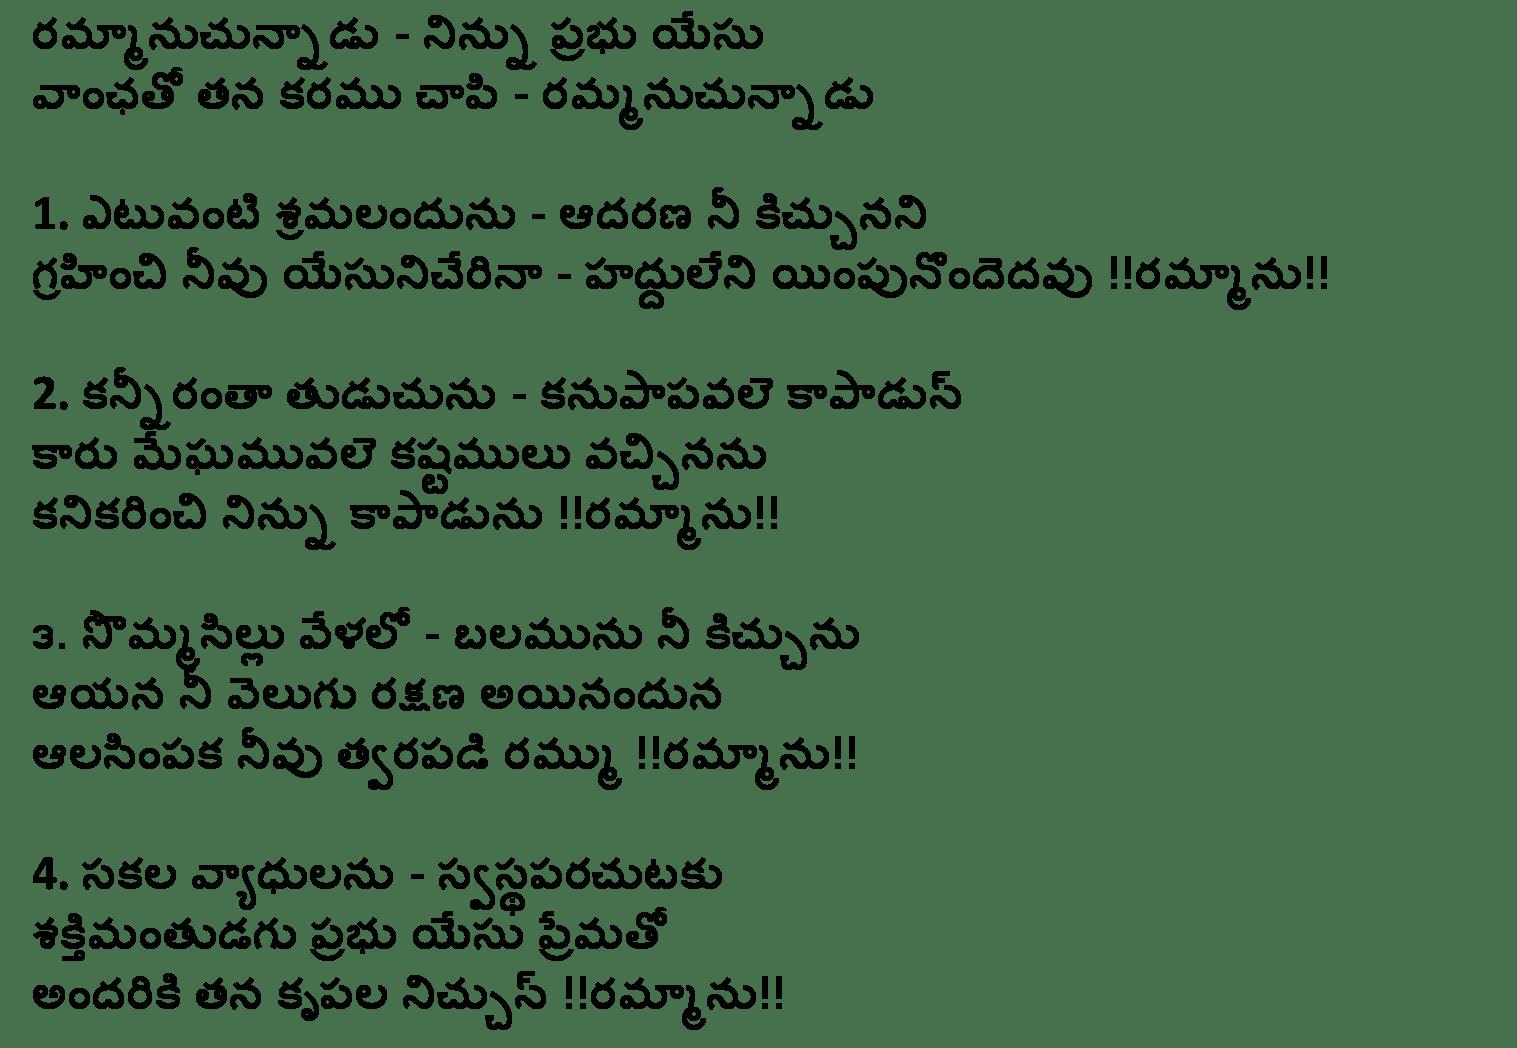 lyrics telugu christian songs rammanuchunnadu telugu lyrics